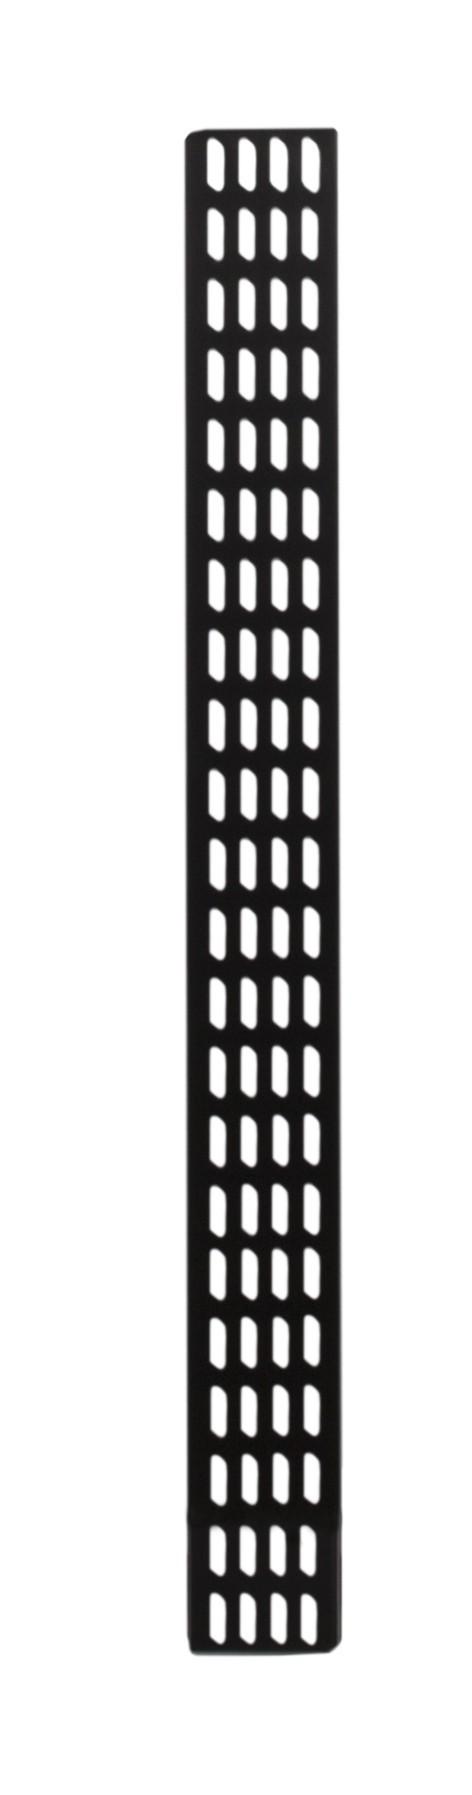 Afbeelding van 22U verticale kabelgoot